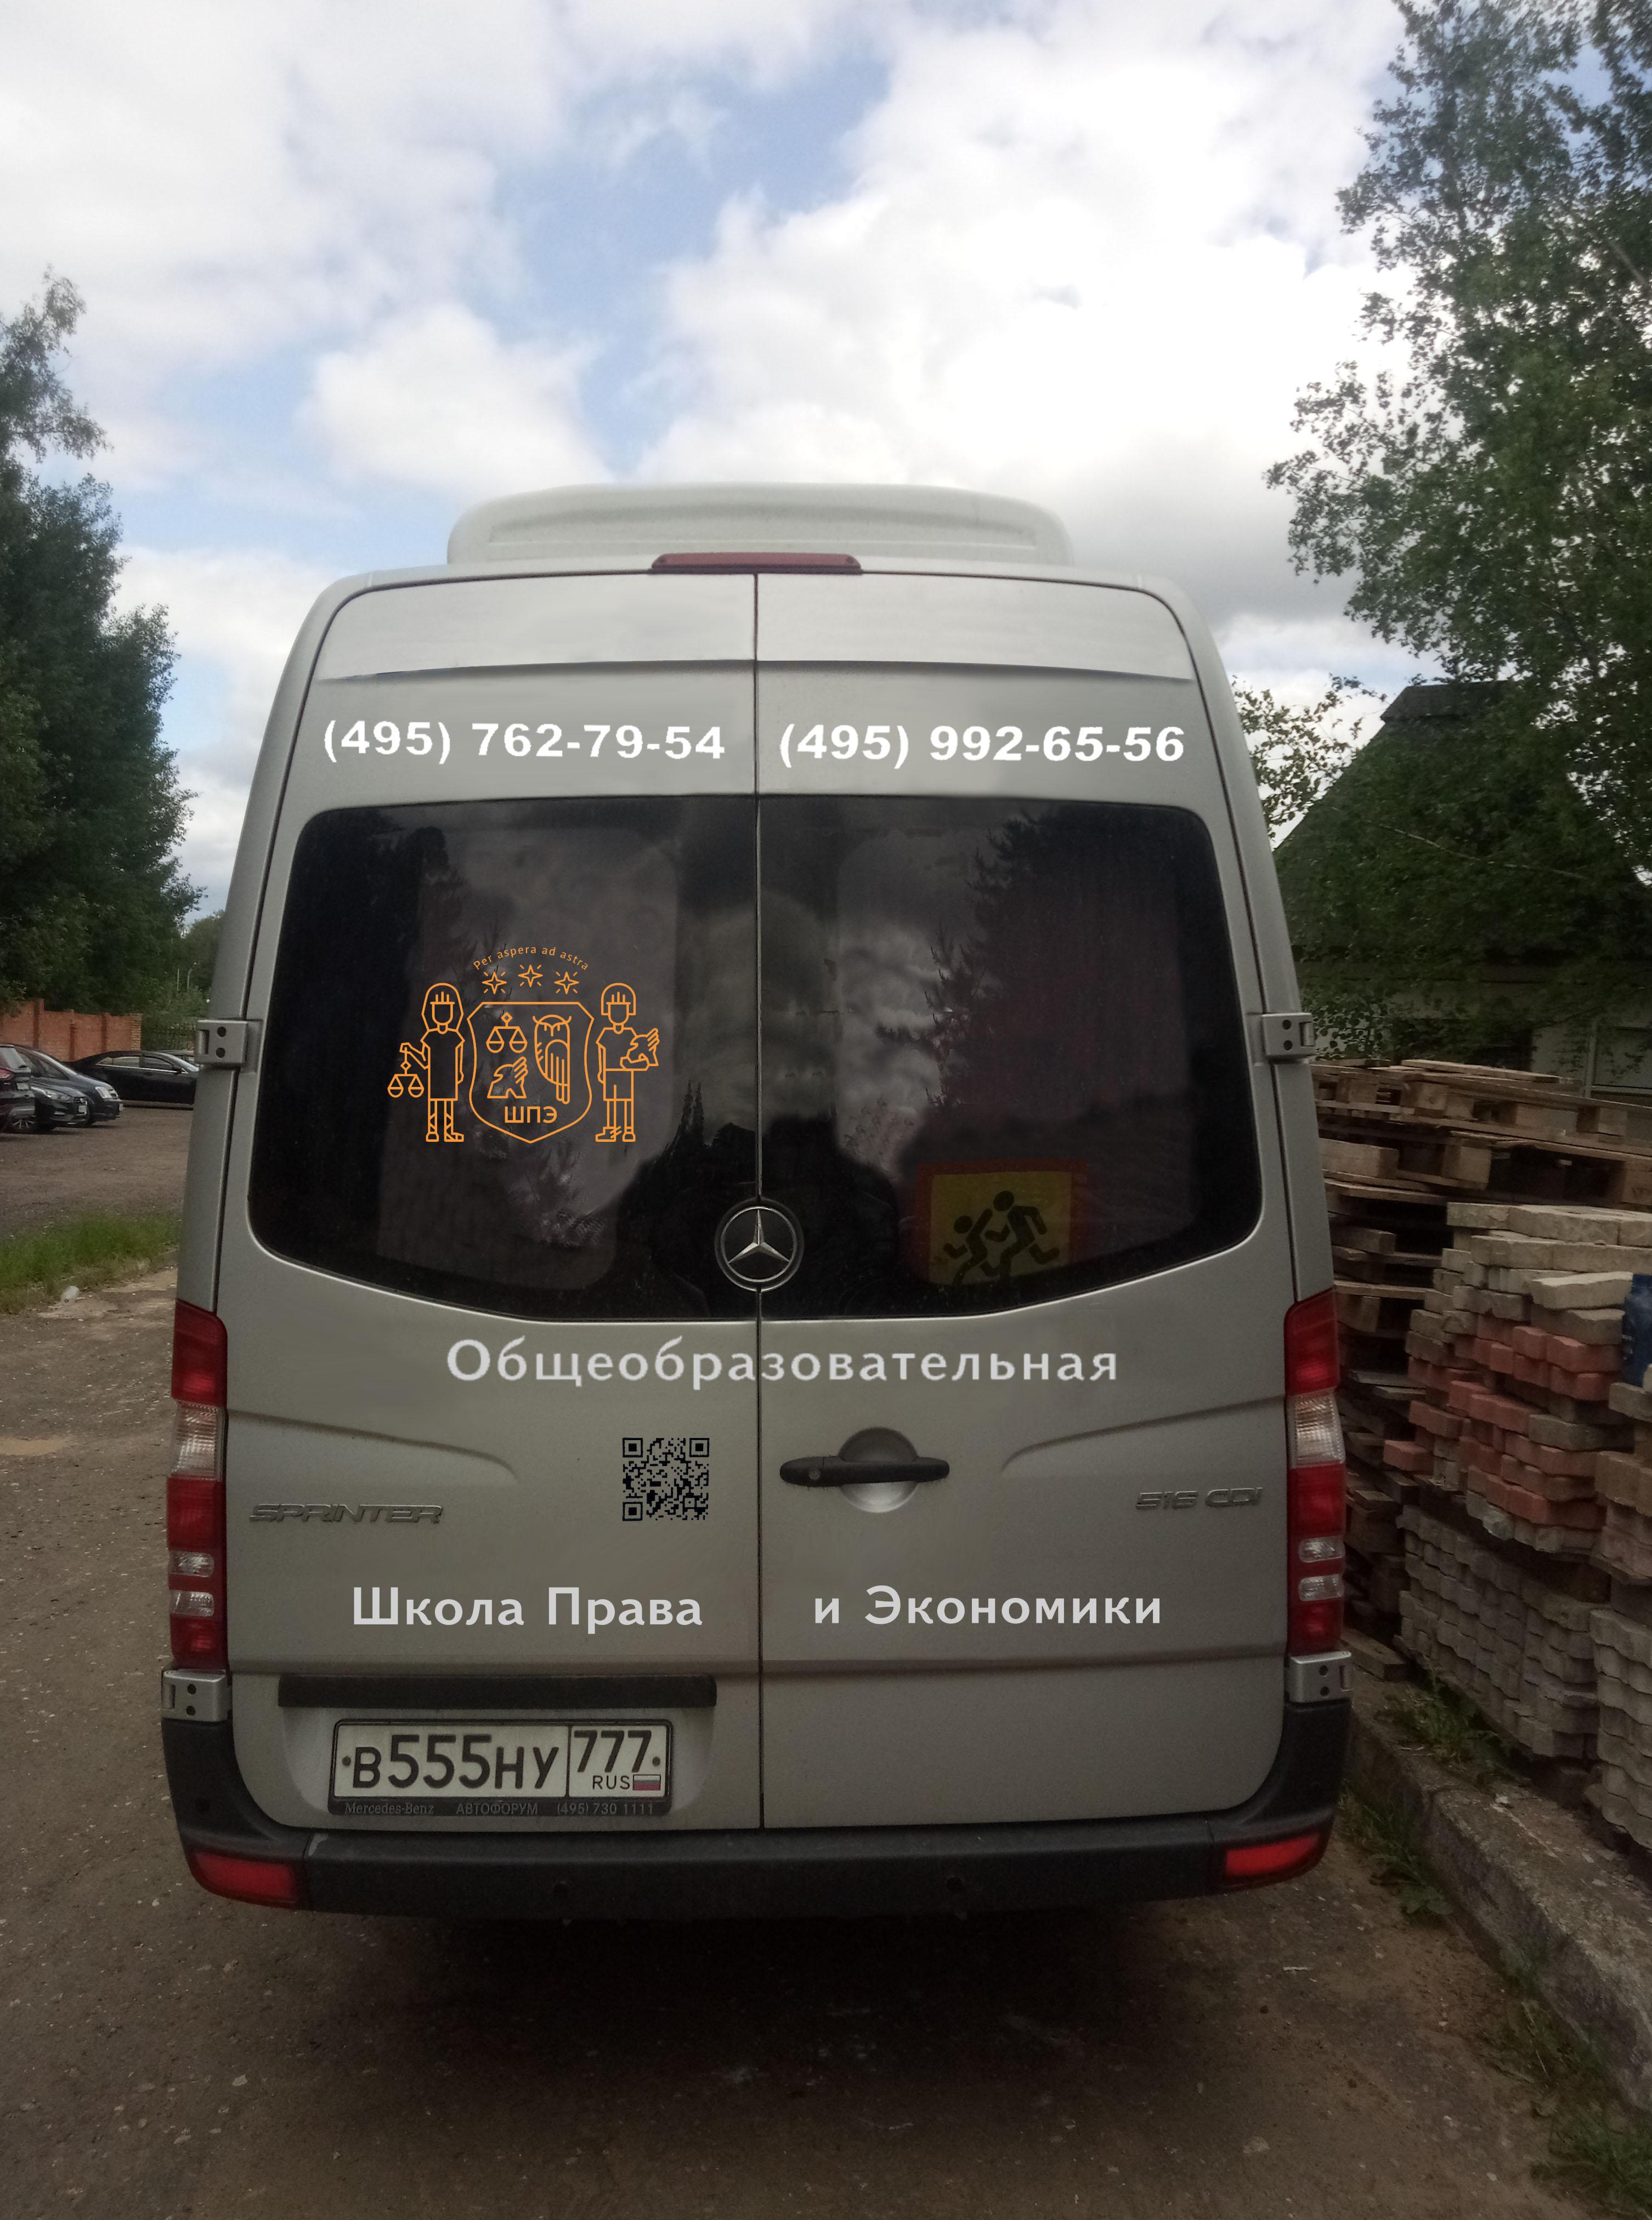 Дизайн оклейки школьного автобуса фото f_9965d01293035ee8.jpg